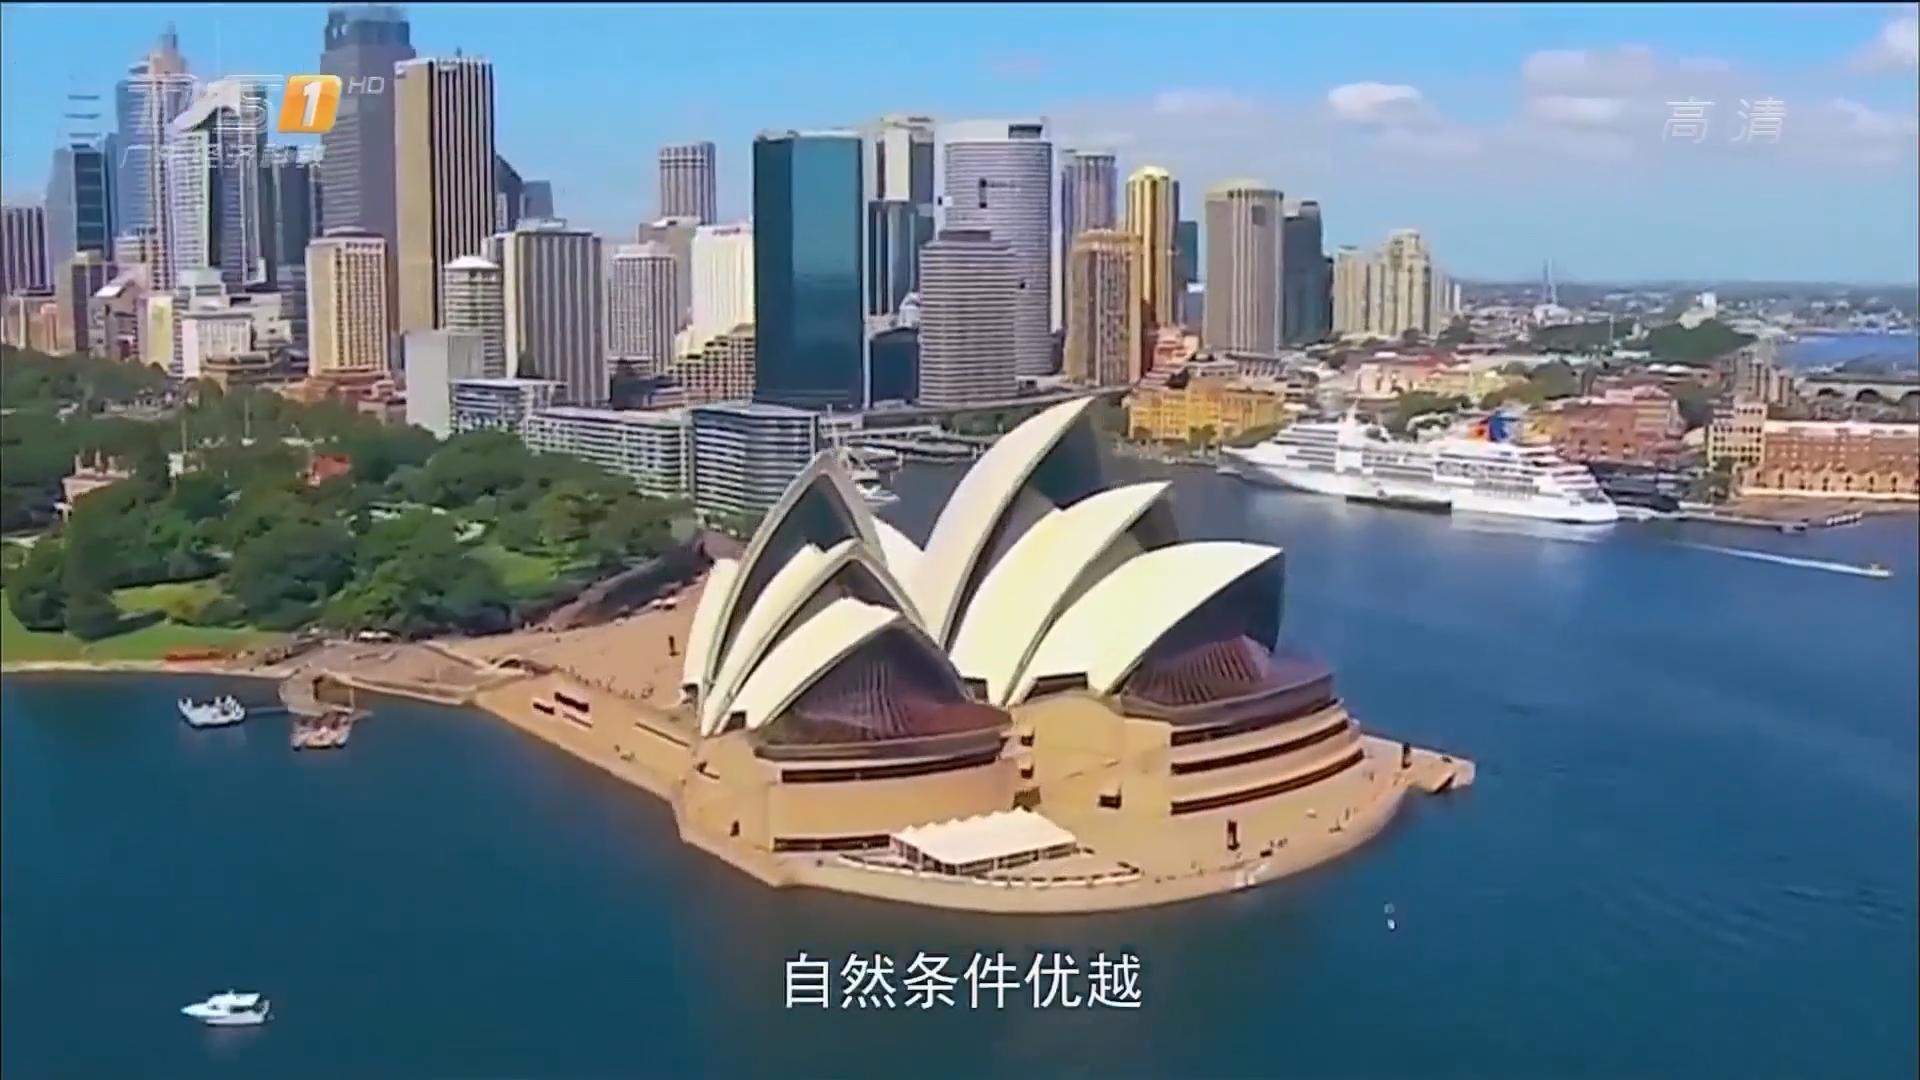 澳大利亚——开启乐学之旅